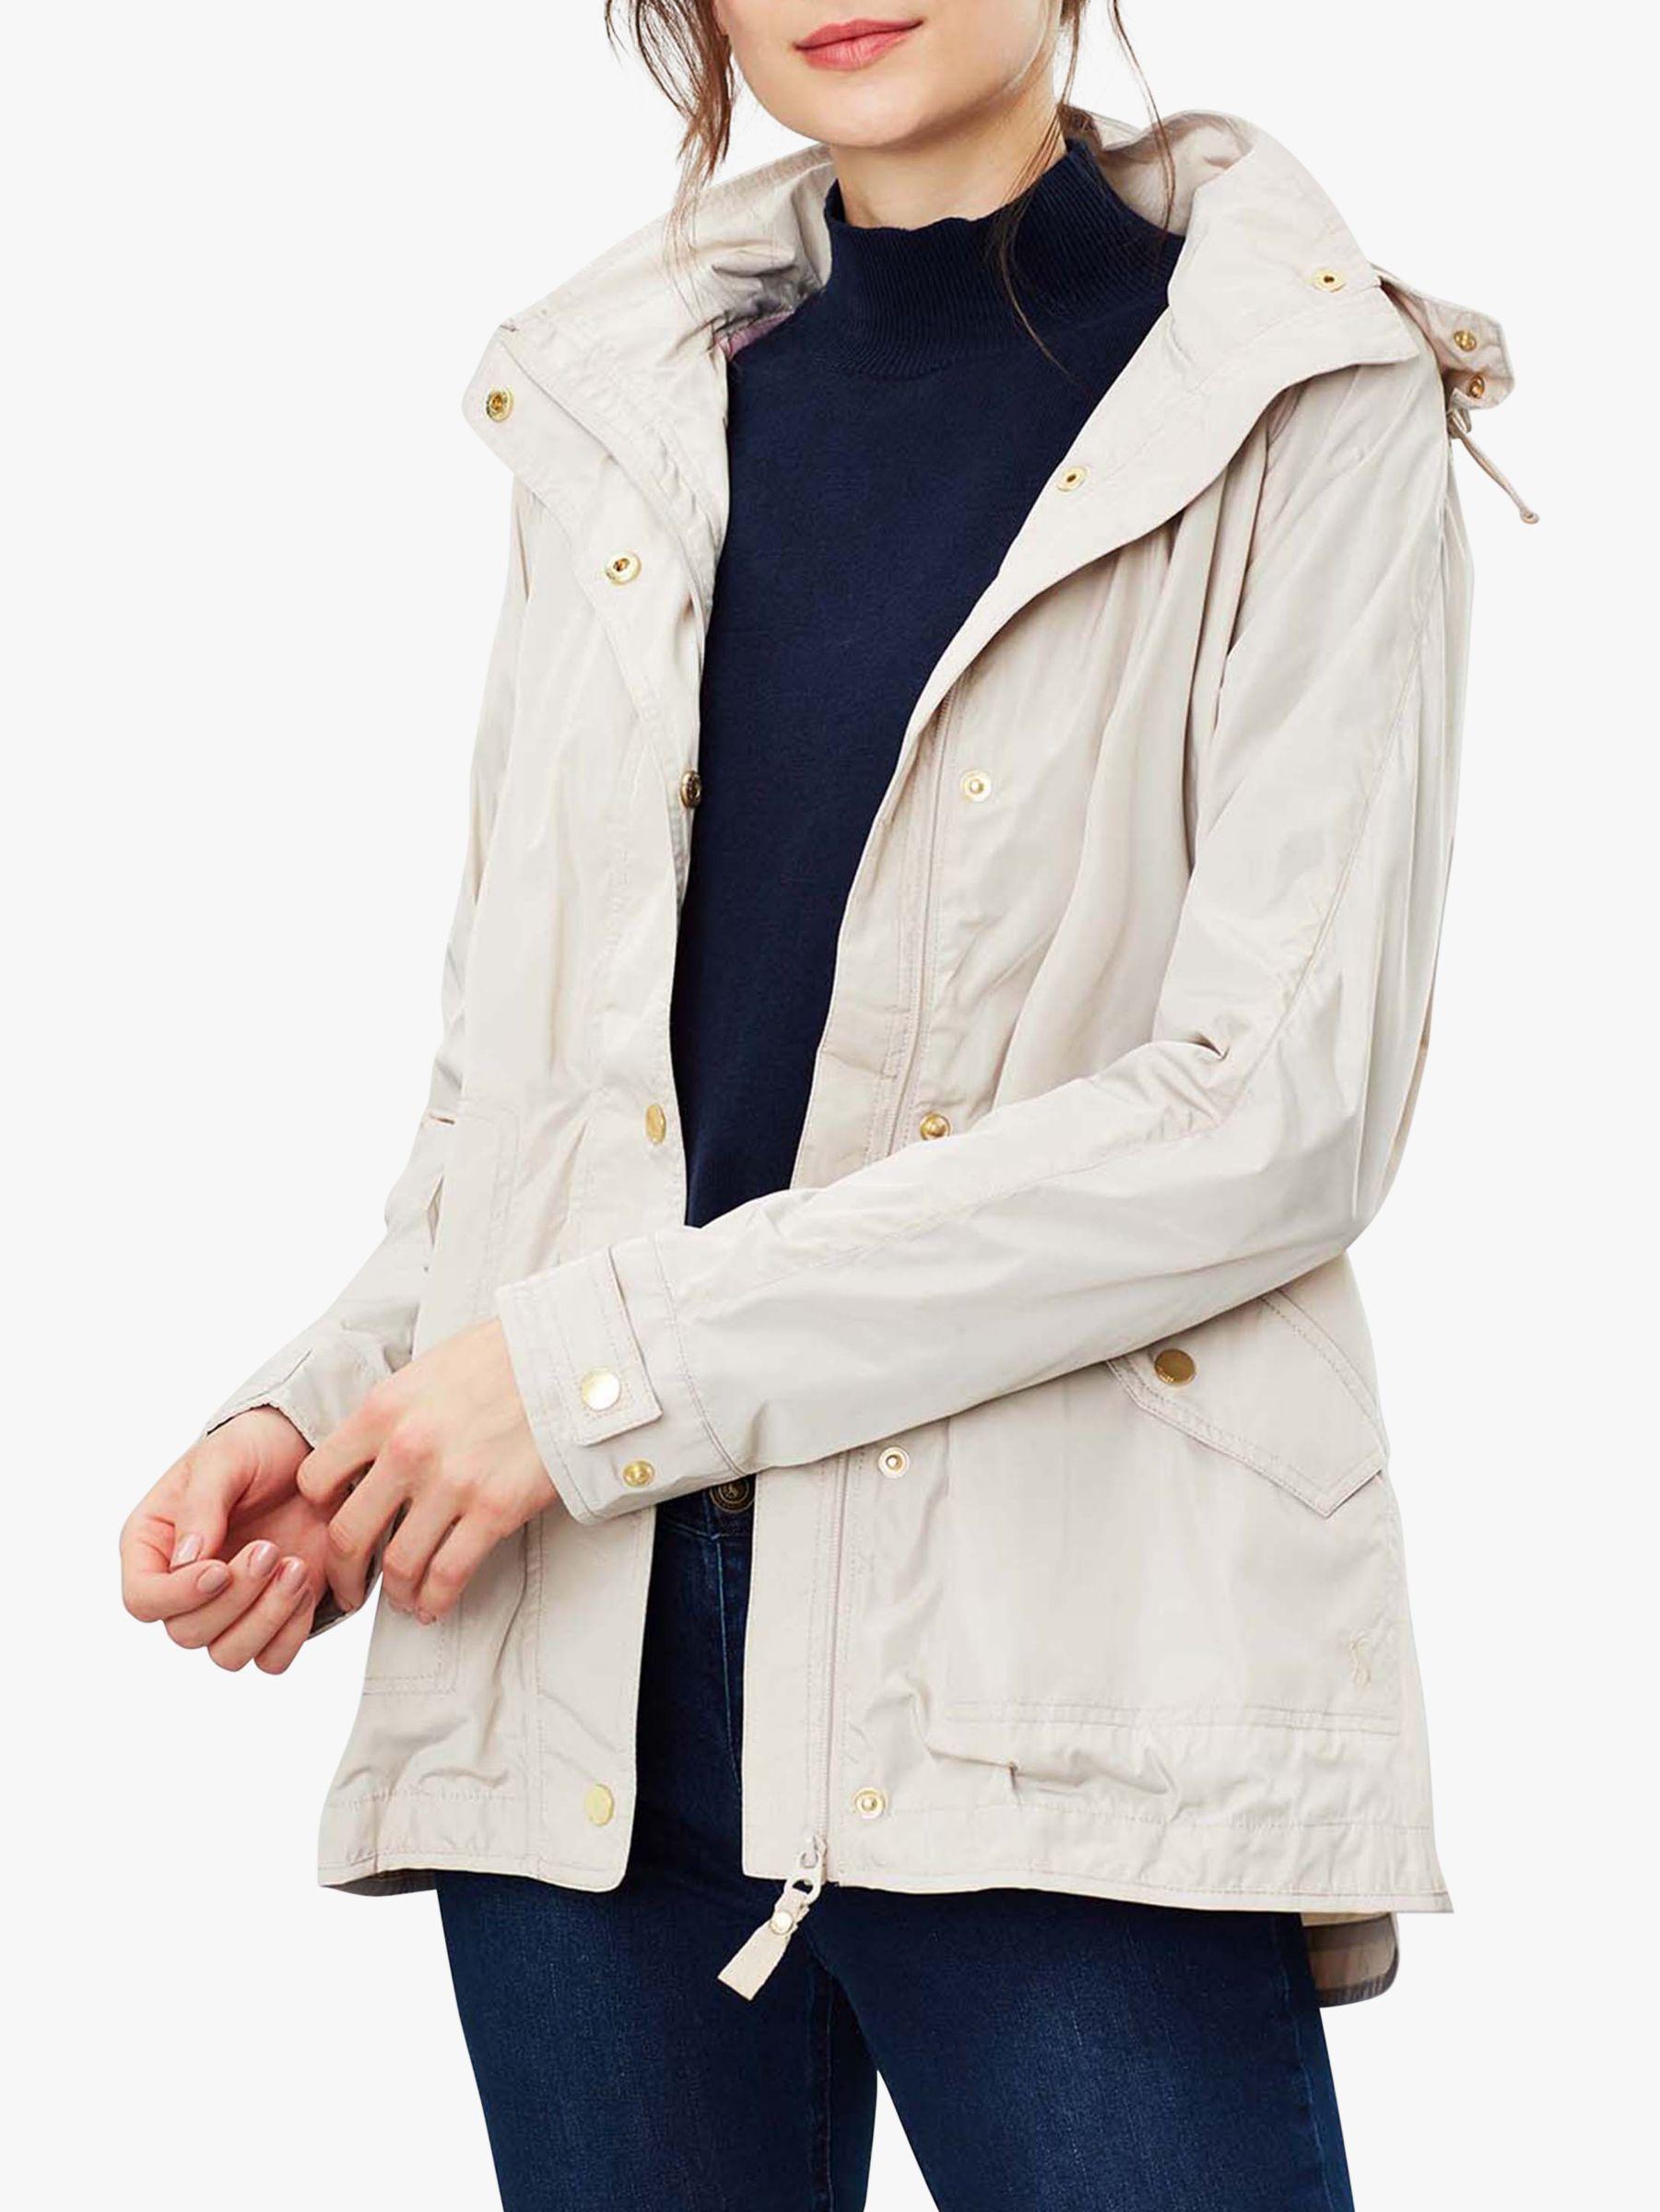 Joules Joules Swindale Water Resistant Jacket